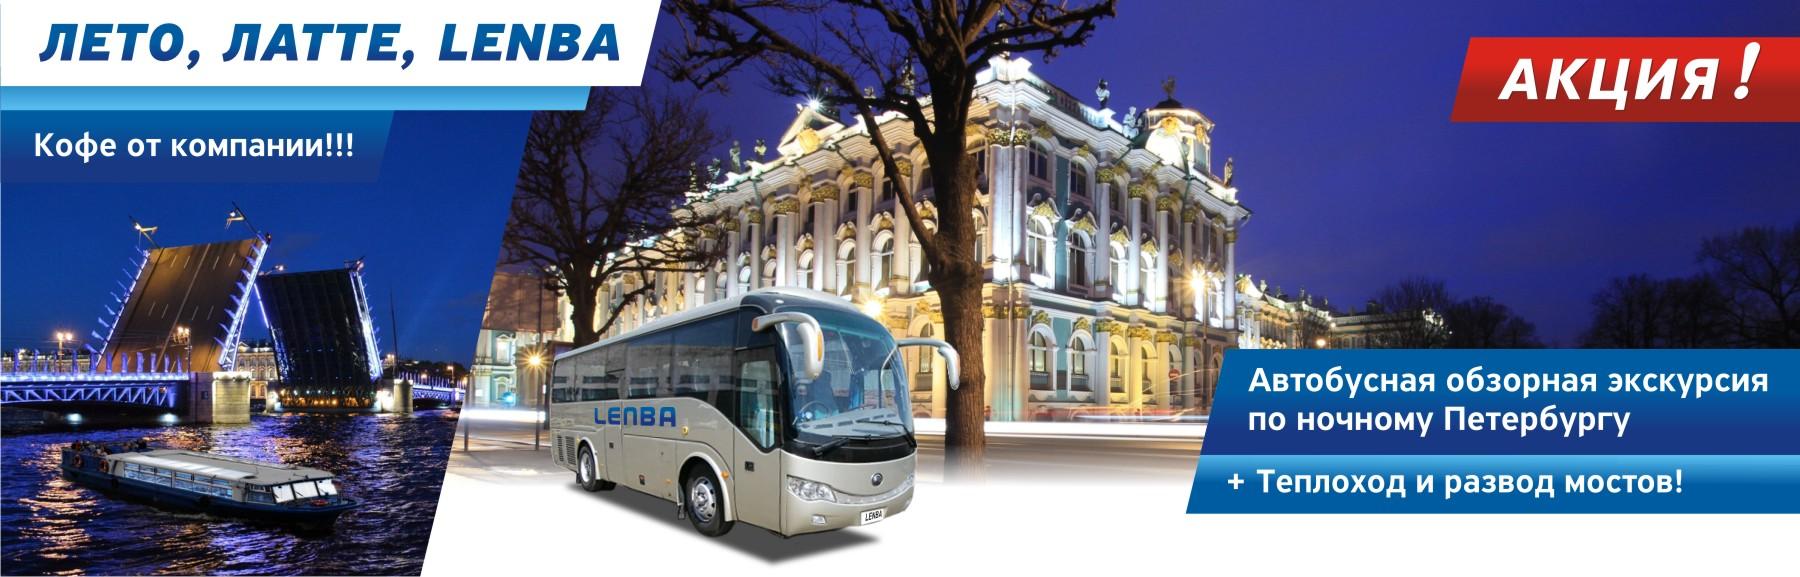 Экскурсия на автобусе по ночному Санкт-Петербургу